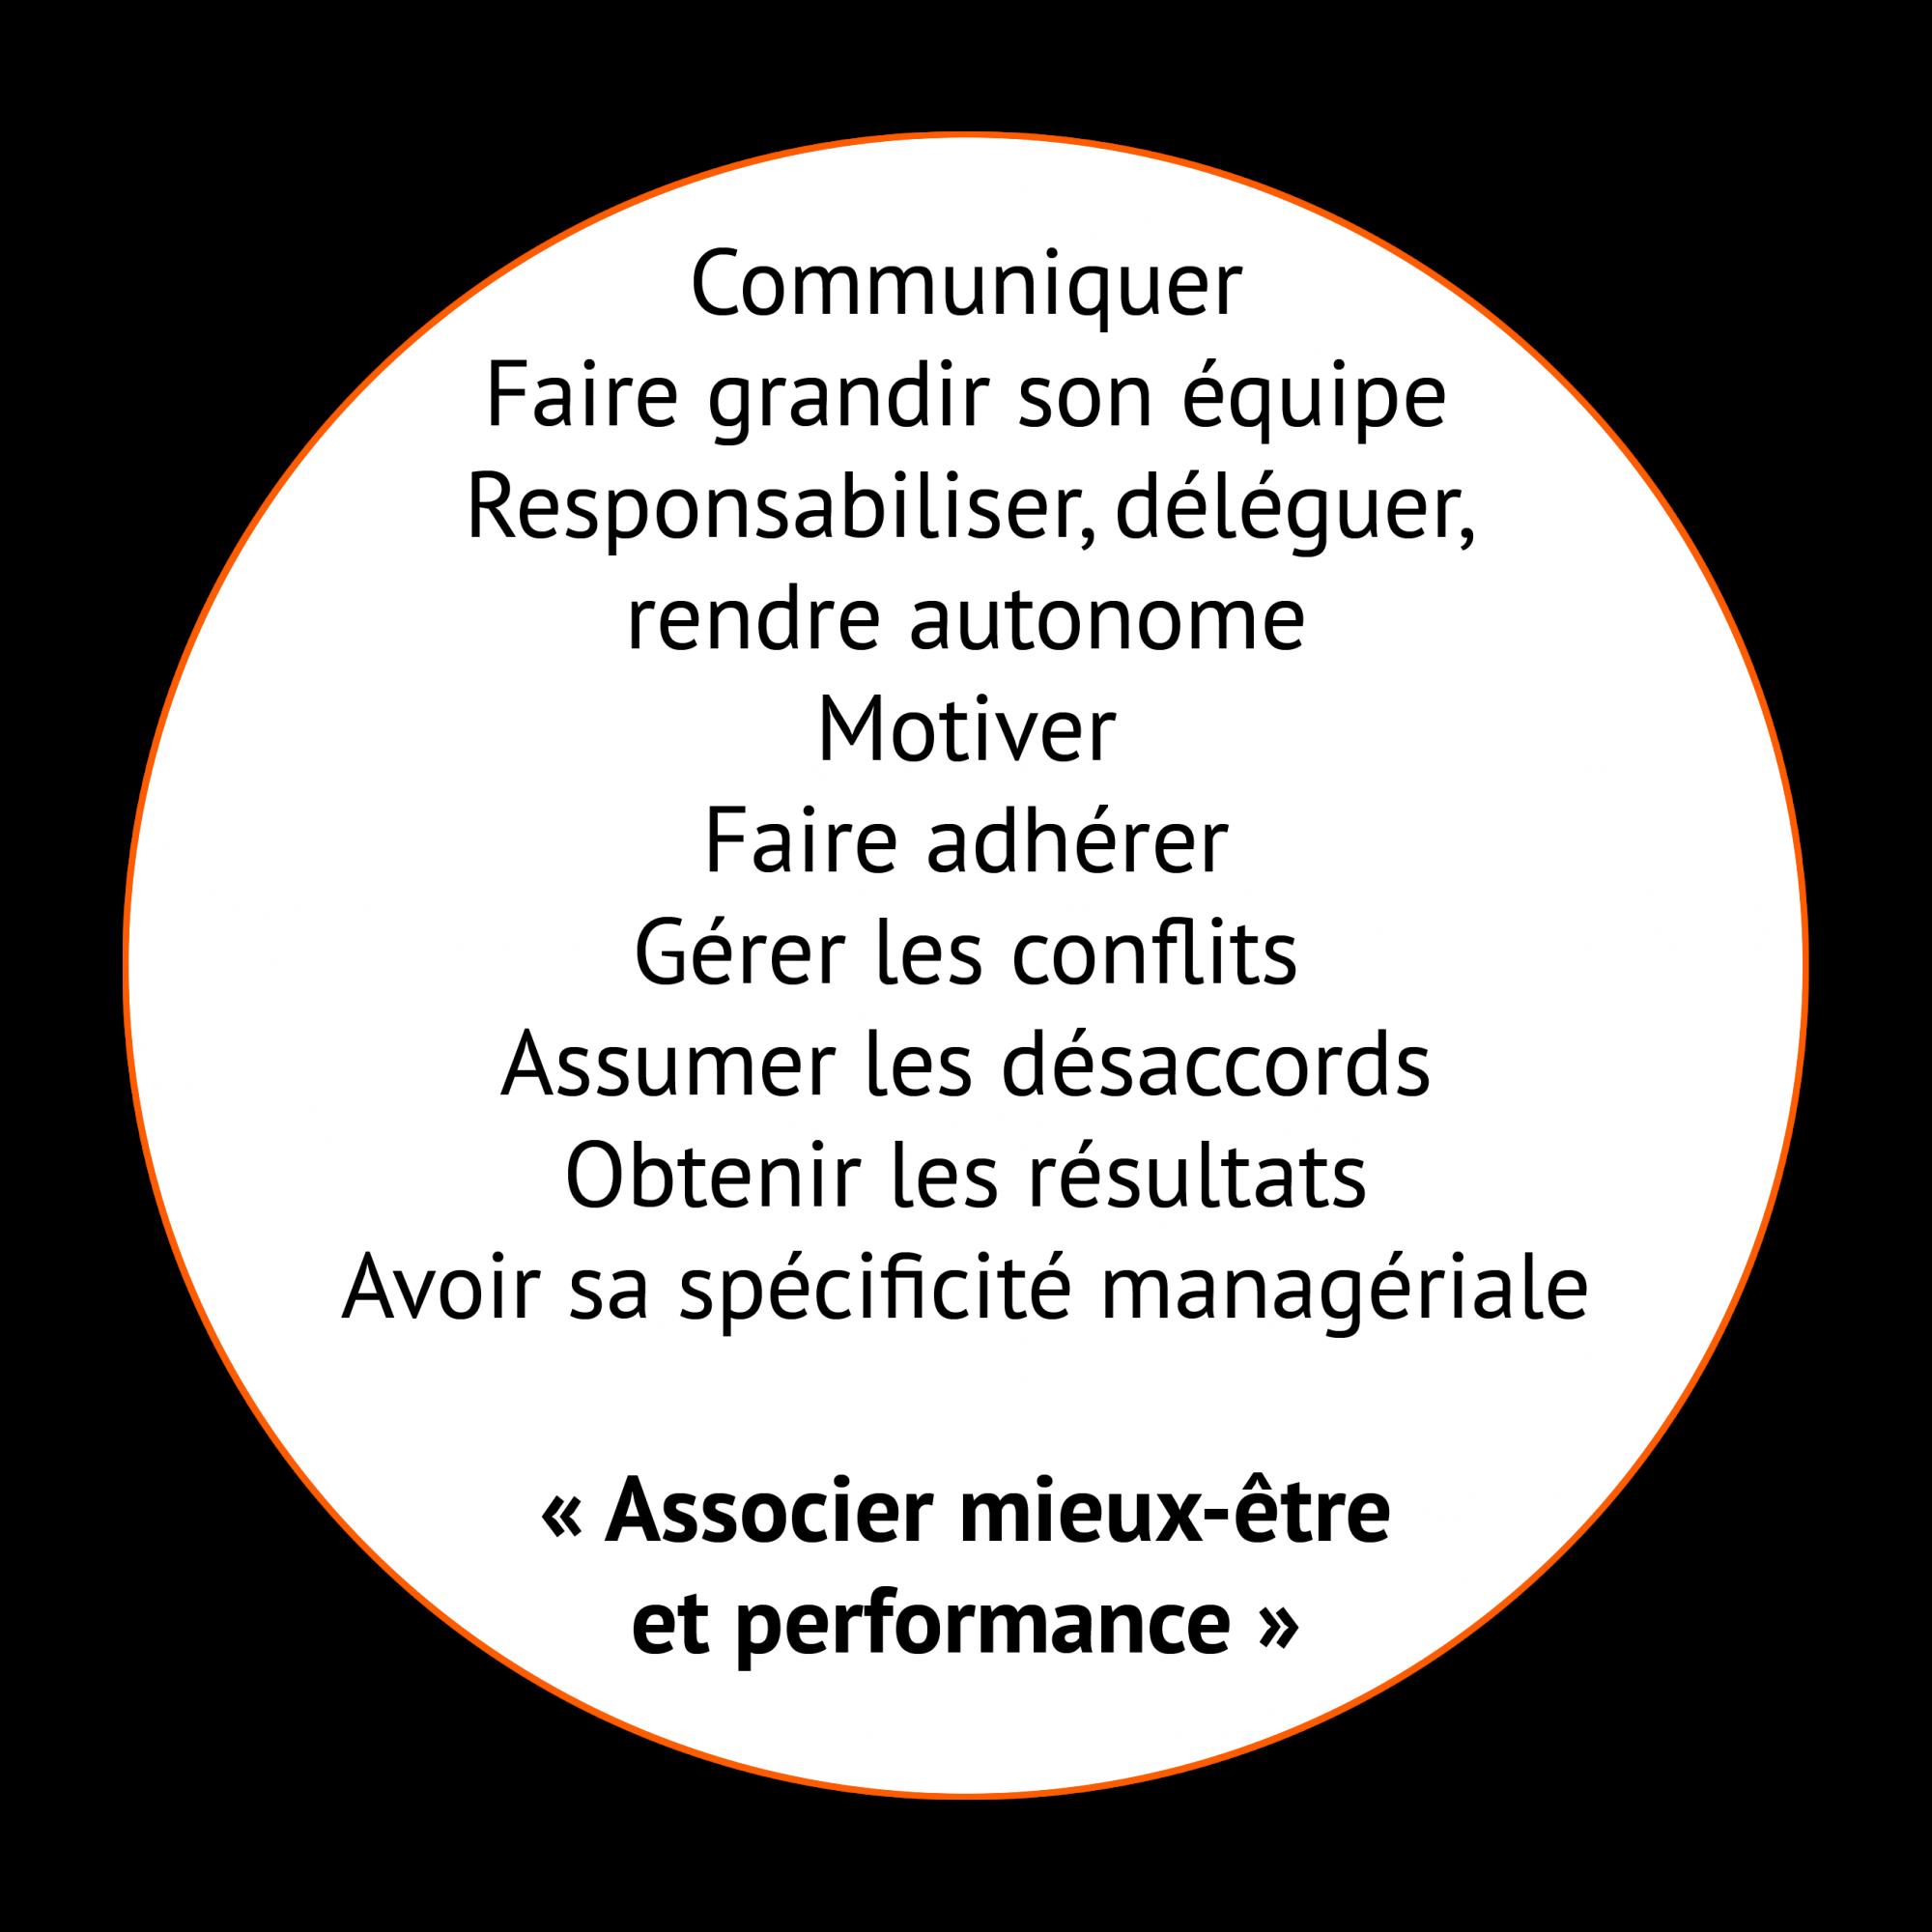 coaching managérial - Pépites conseil - Christine Desseaux - Lille Métropole